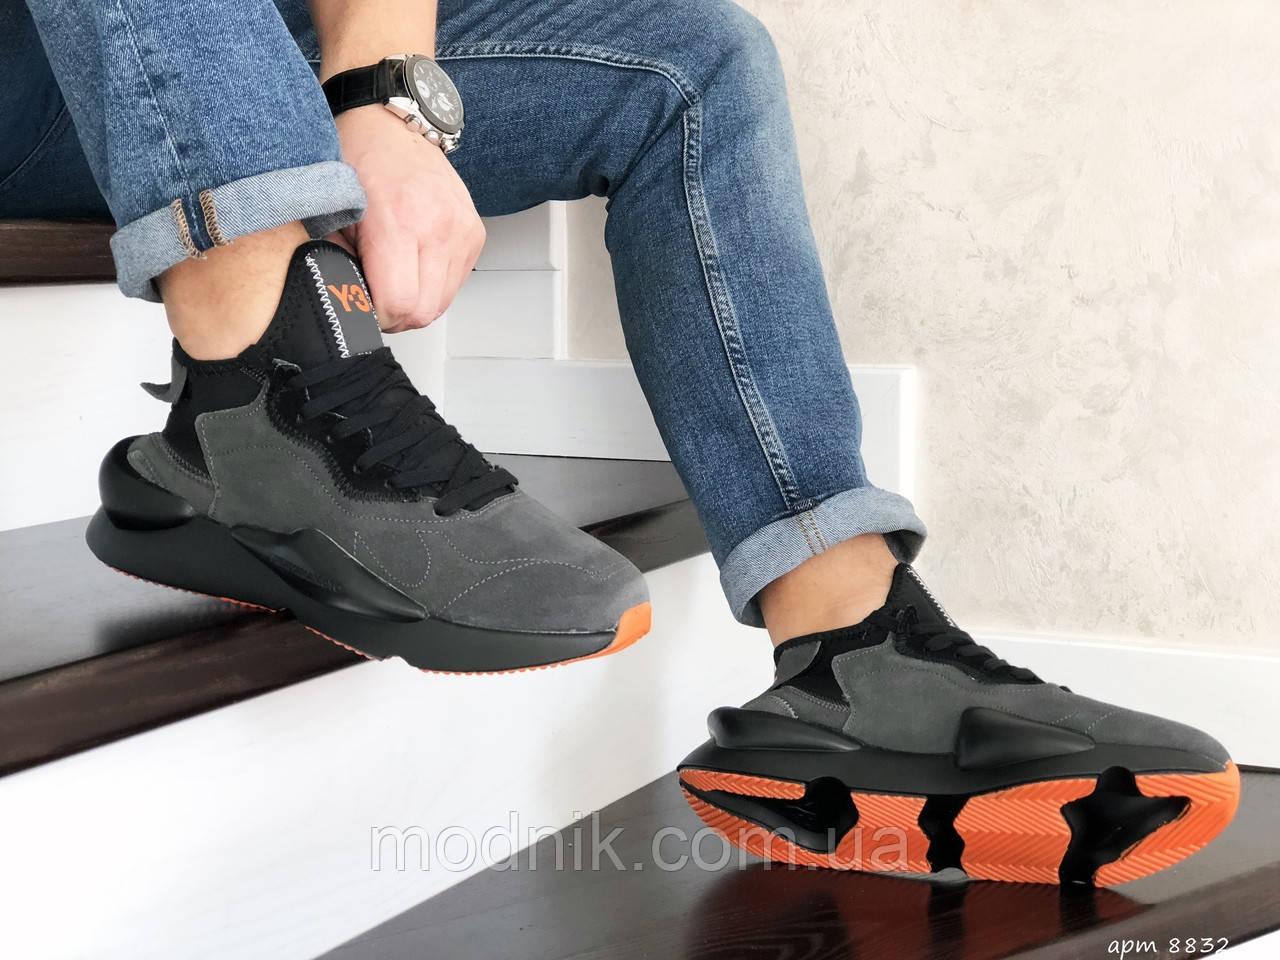 Мужские кроссовки Adidas Y-3 Kaiwa (серые)